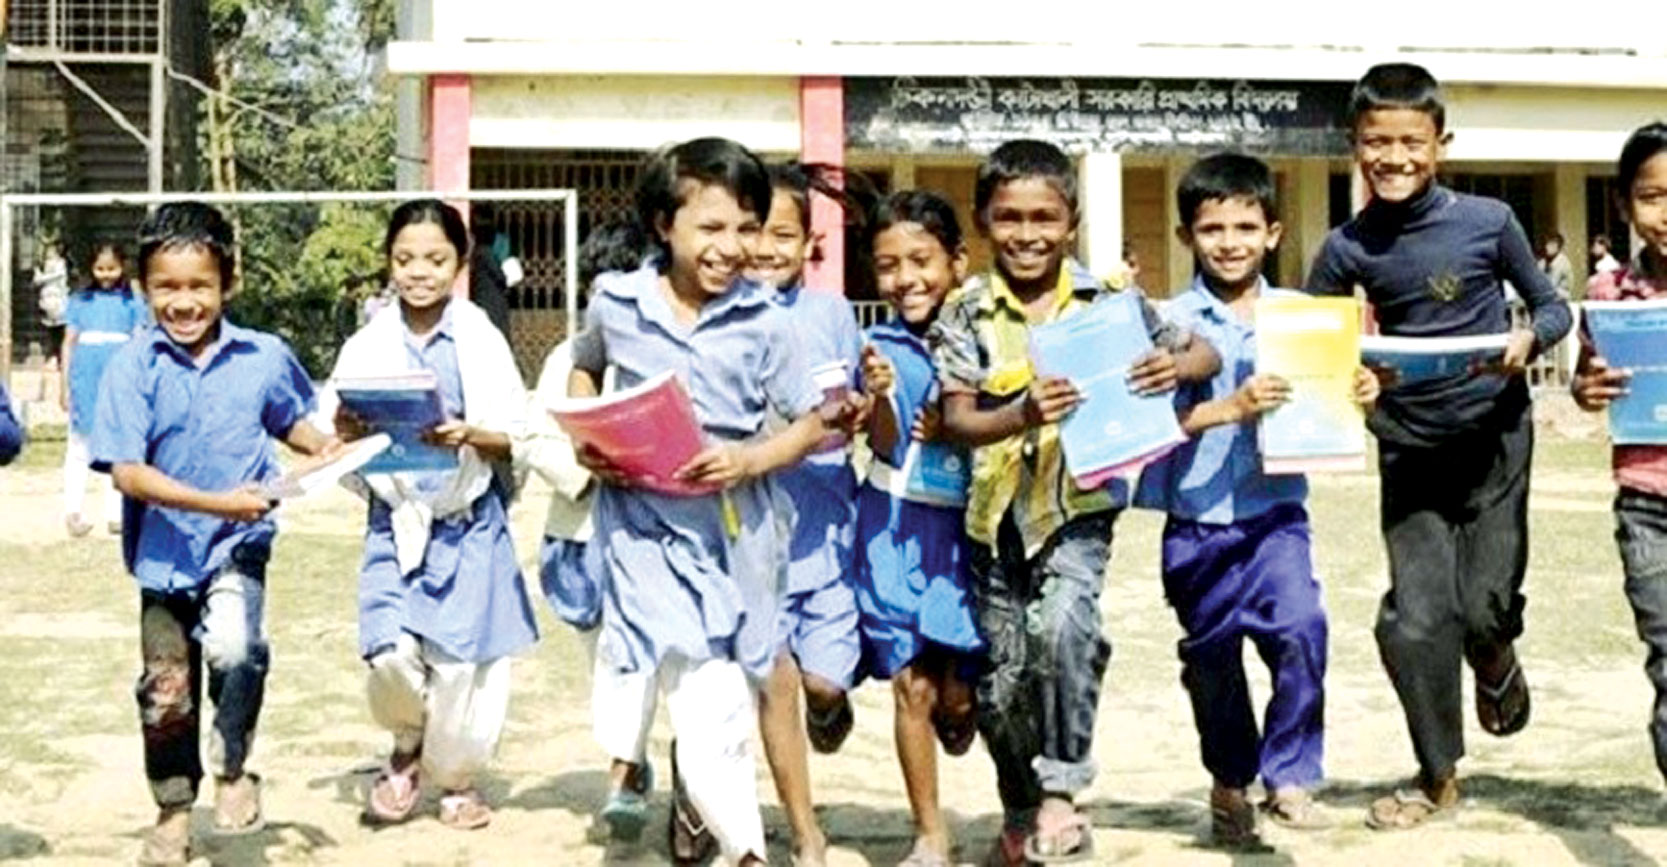 দেশের শিক্ষাপ্রতিষ্ঠান খুলতে সরকারের যত চ্যালেঞ্জ